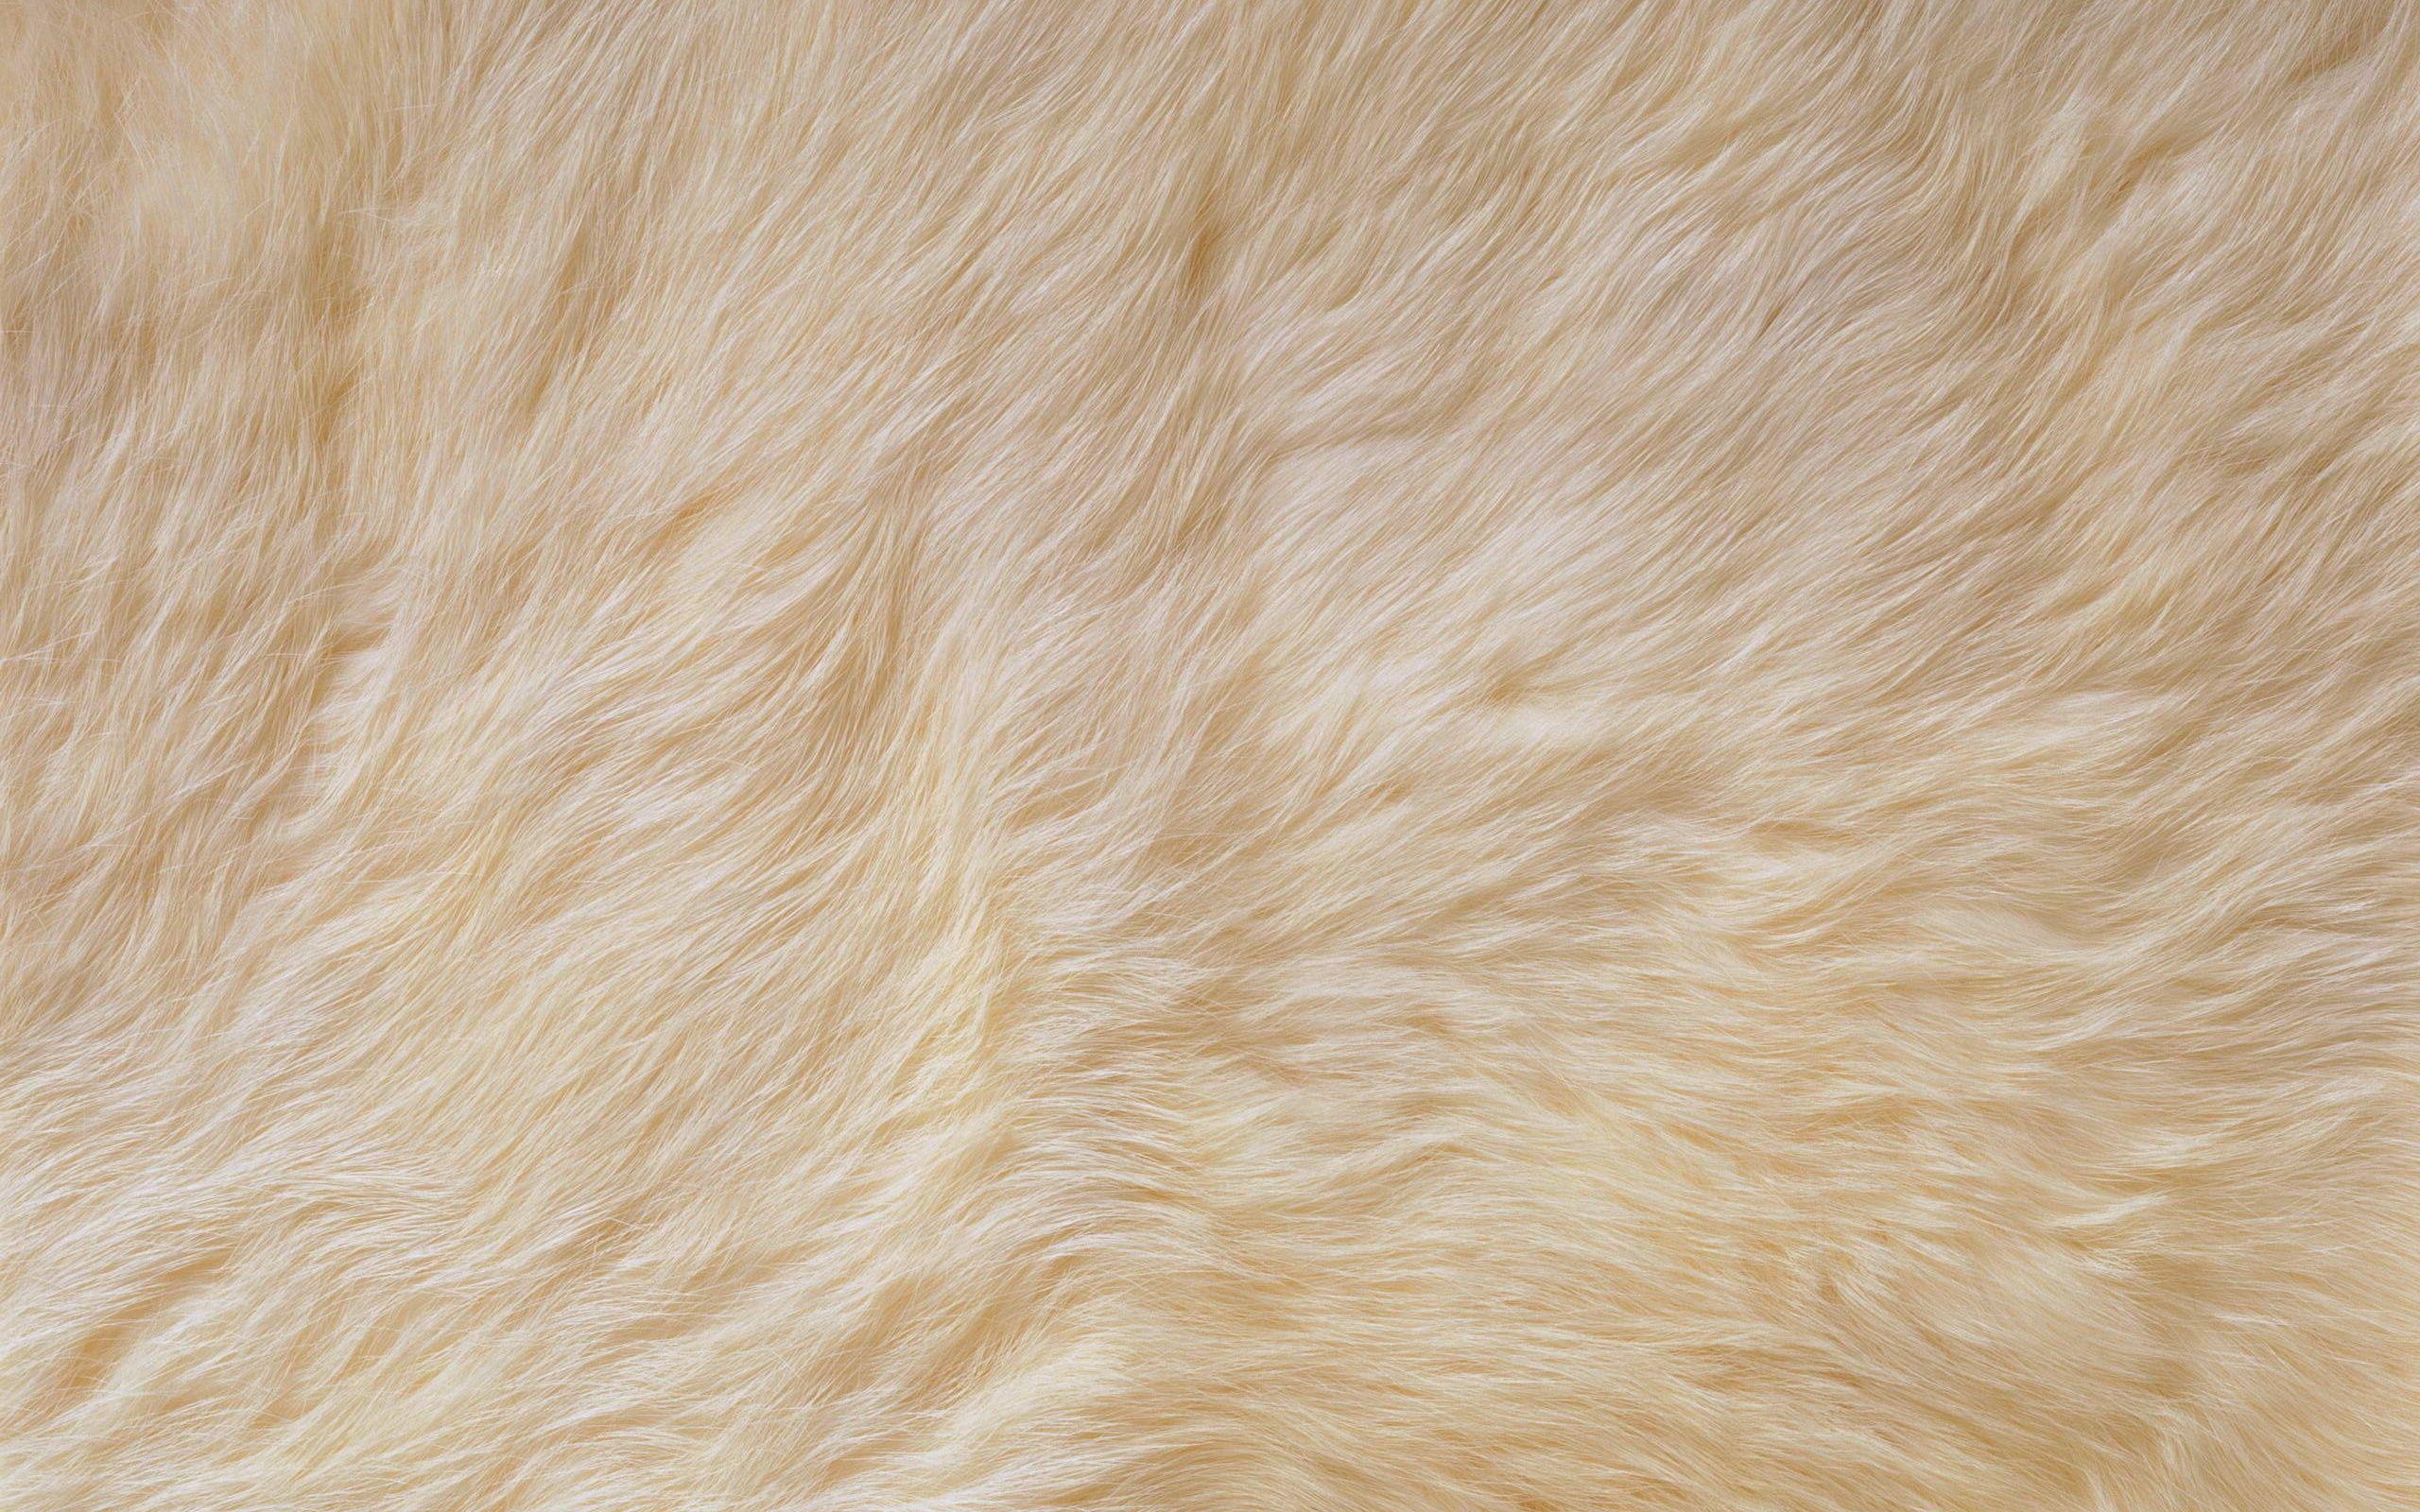 white fur texture Google Search Fur/Carpet Texture